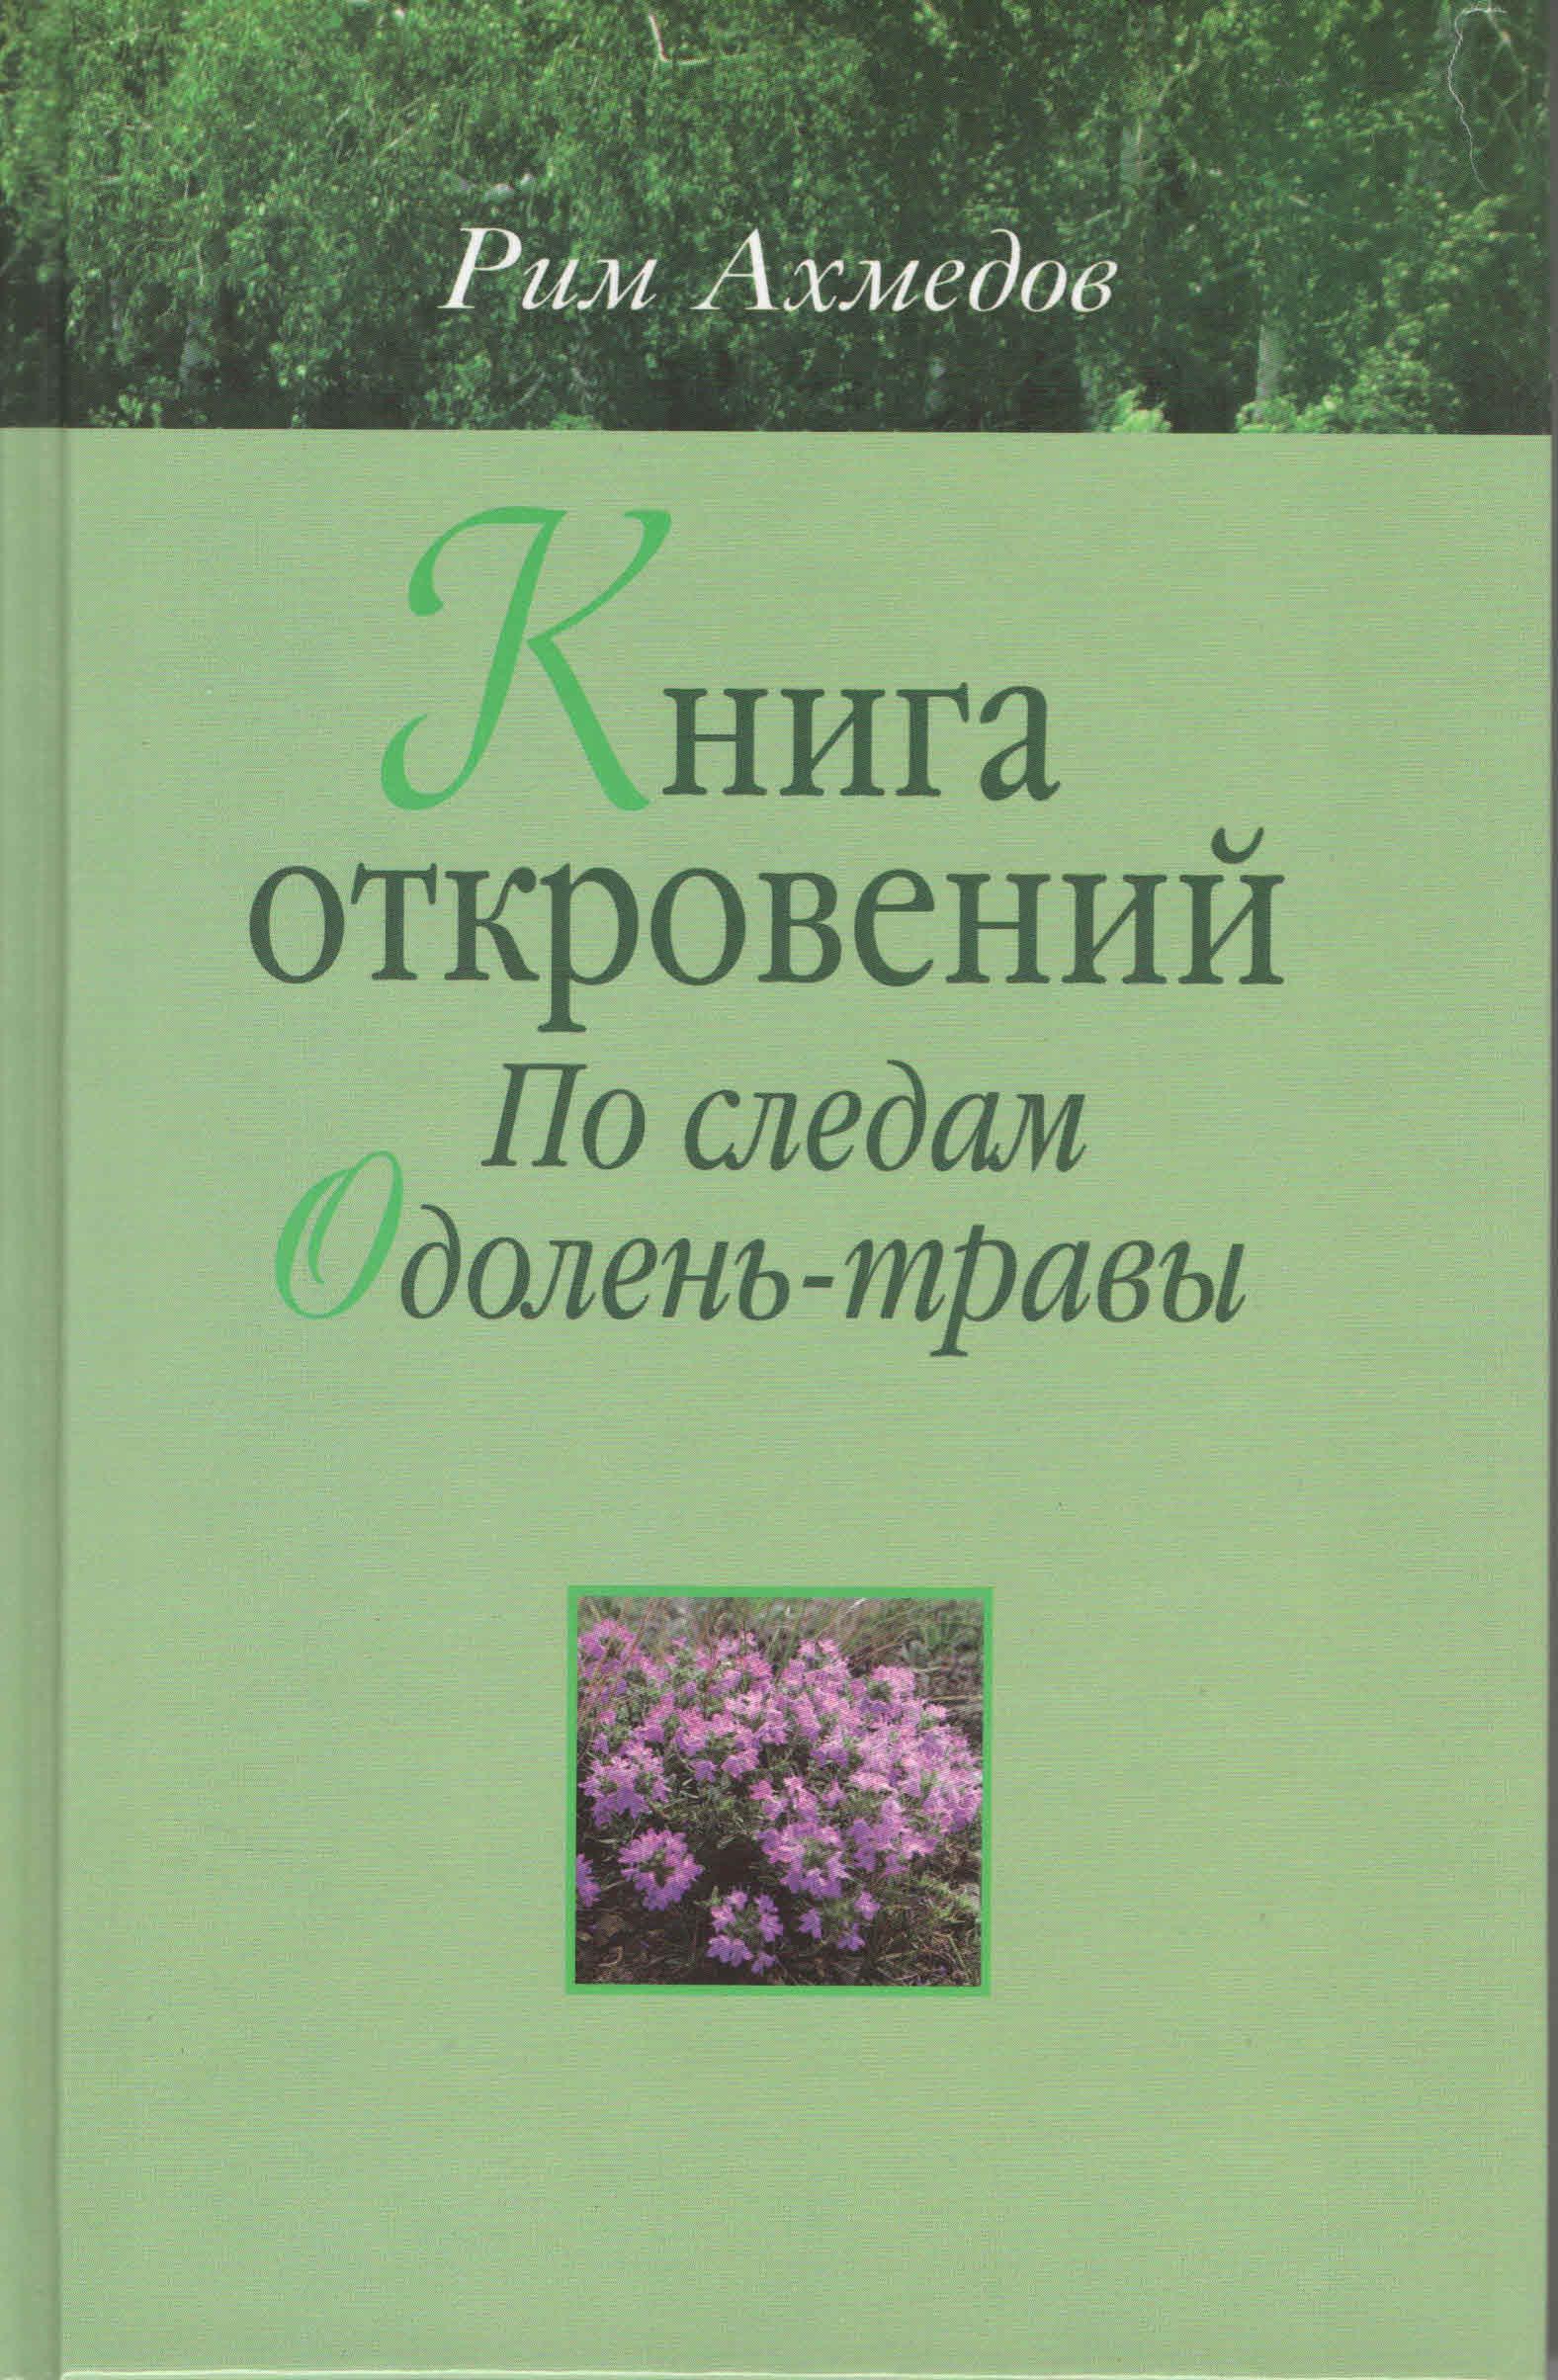 книга откровений по следам одолень травы